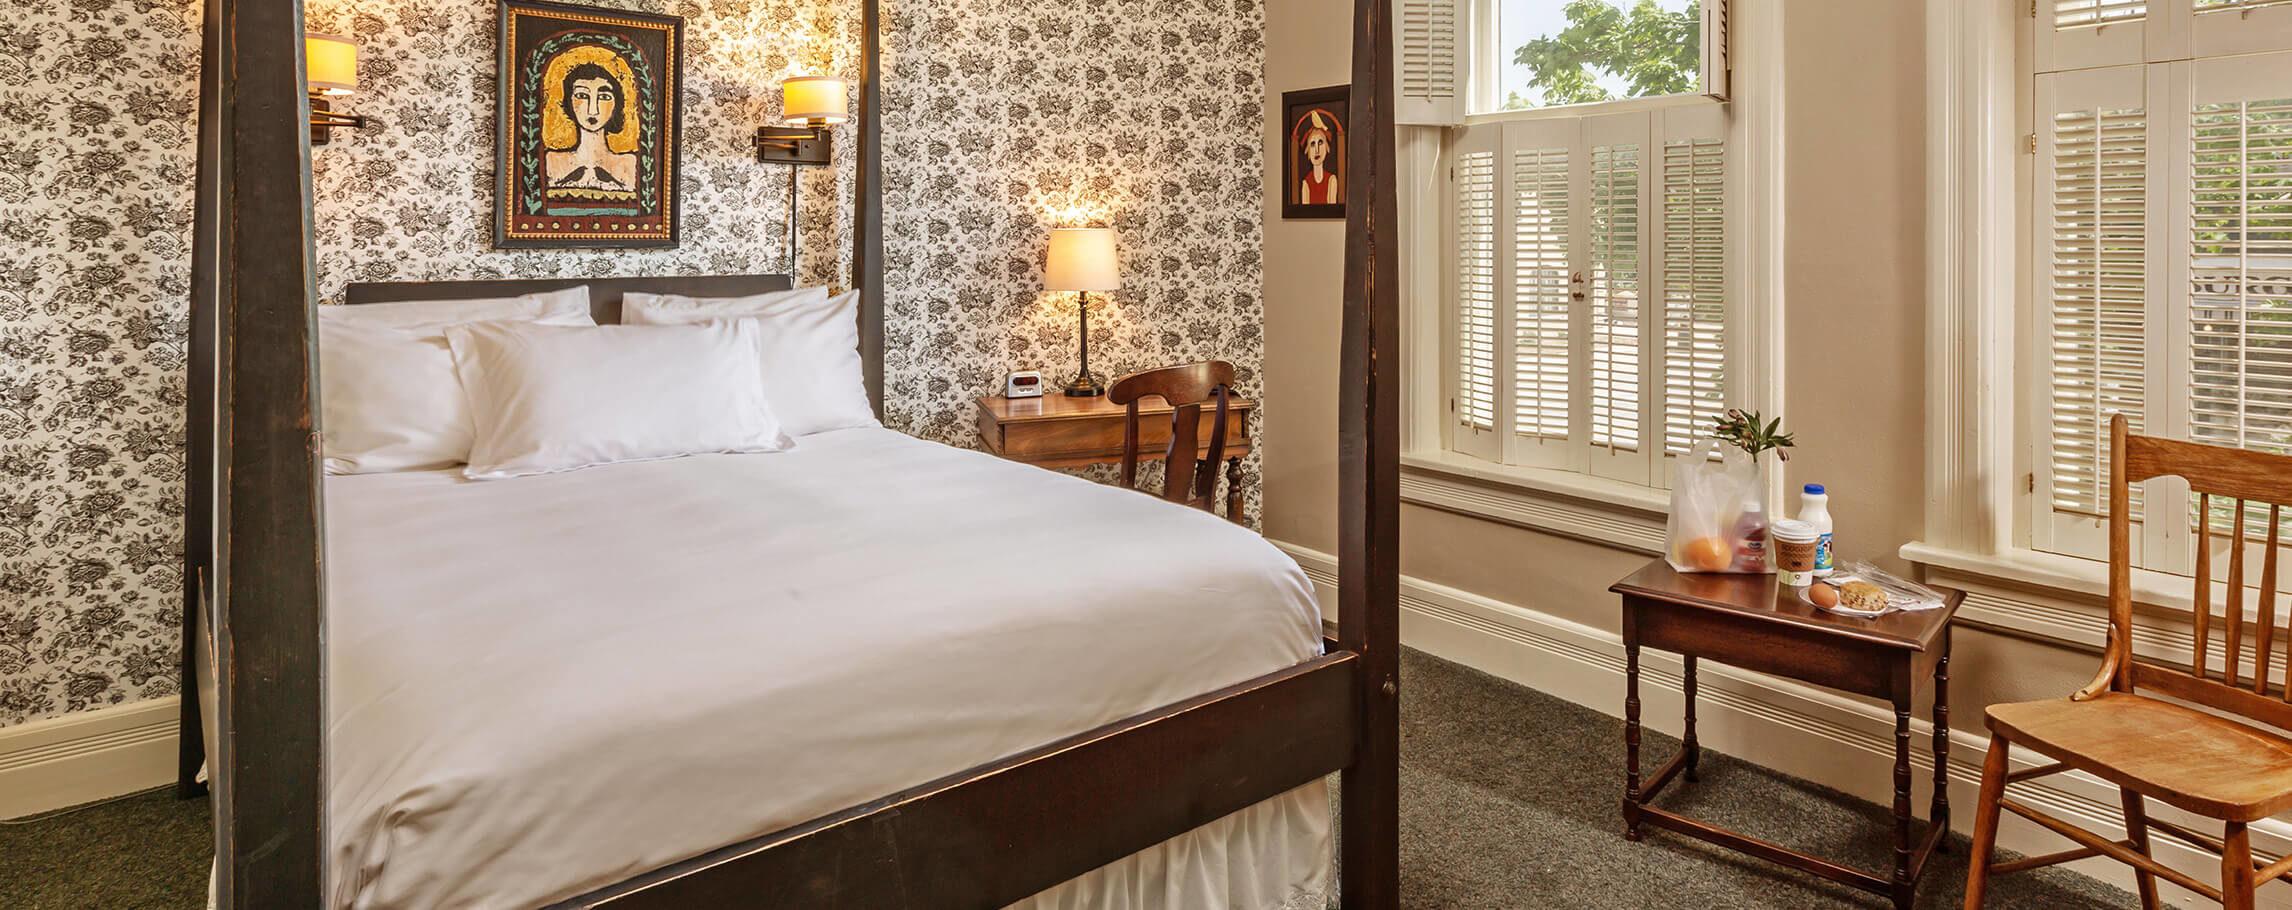 guest room housekeeping